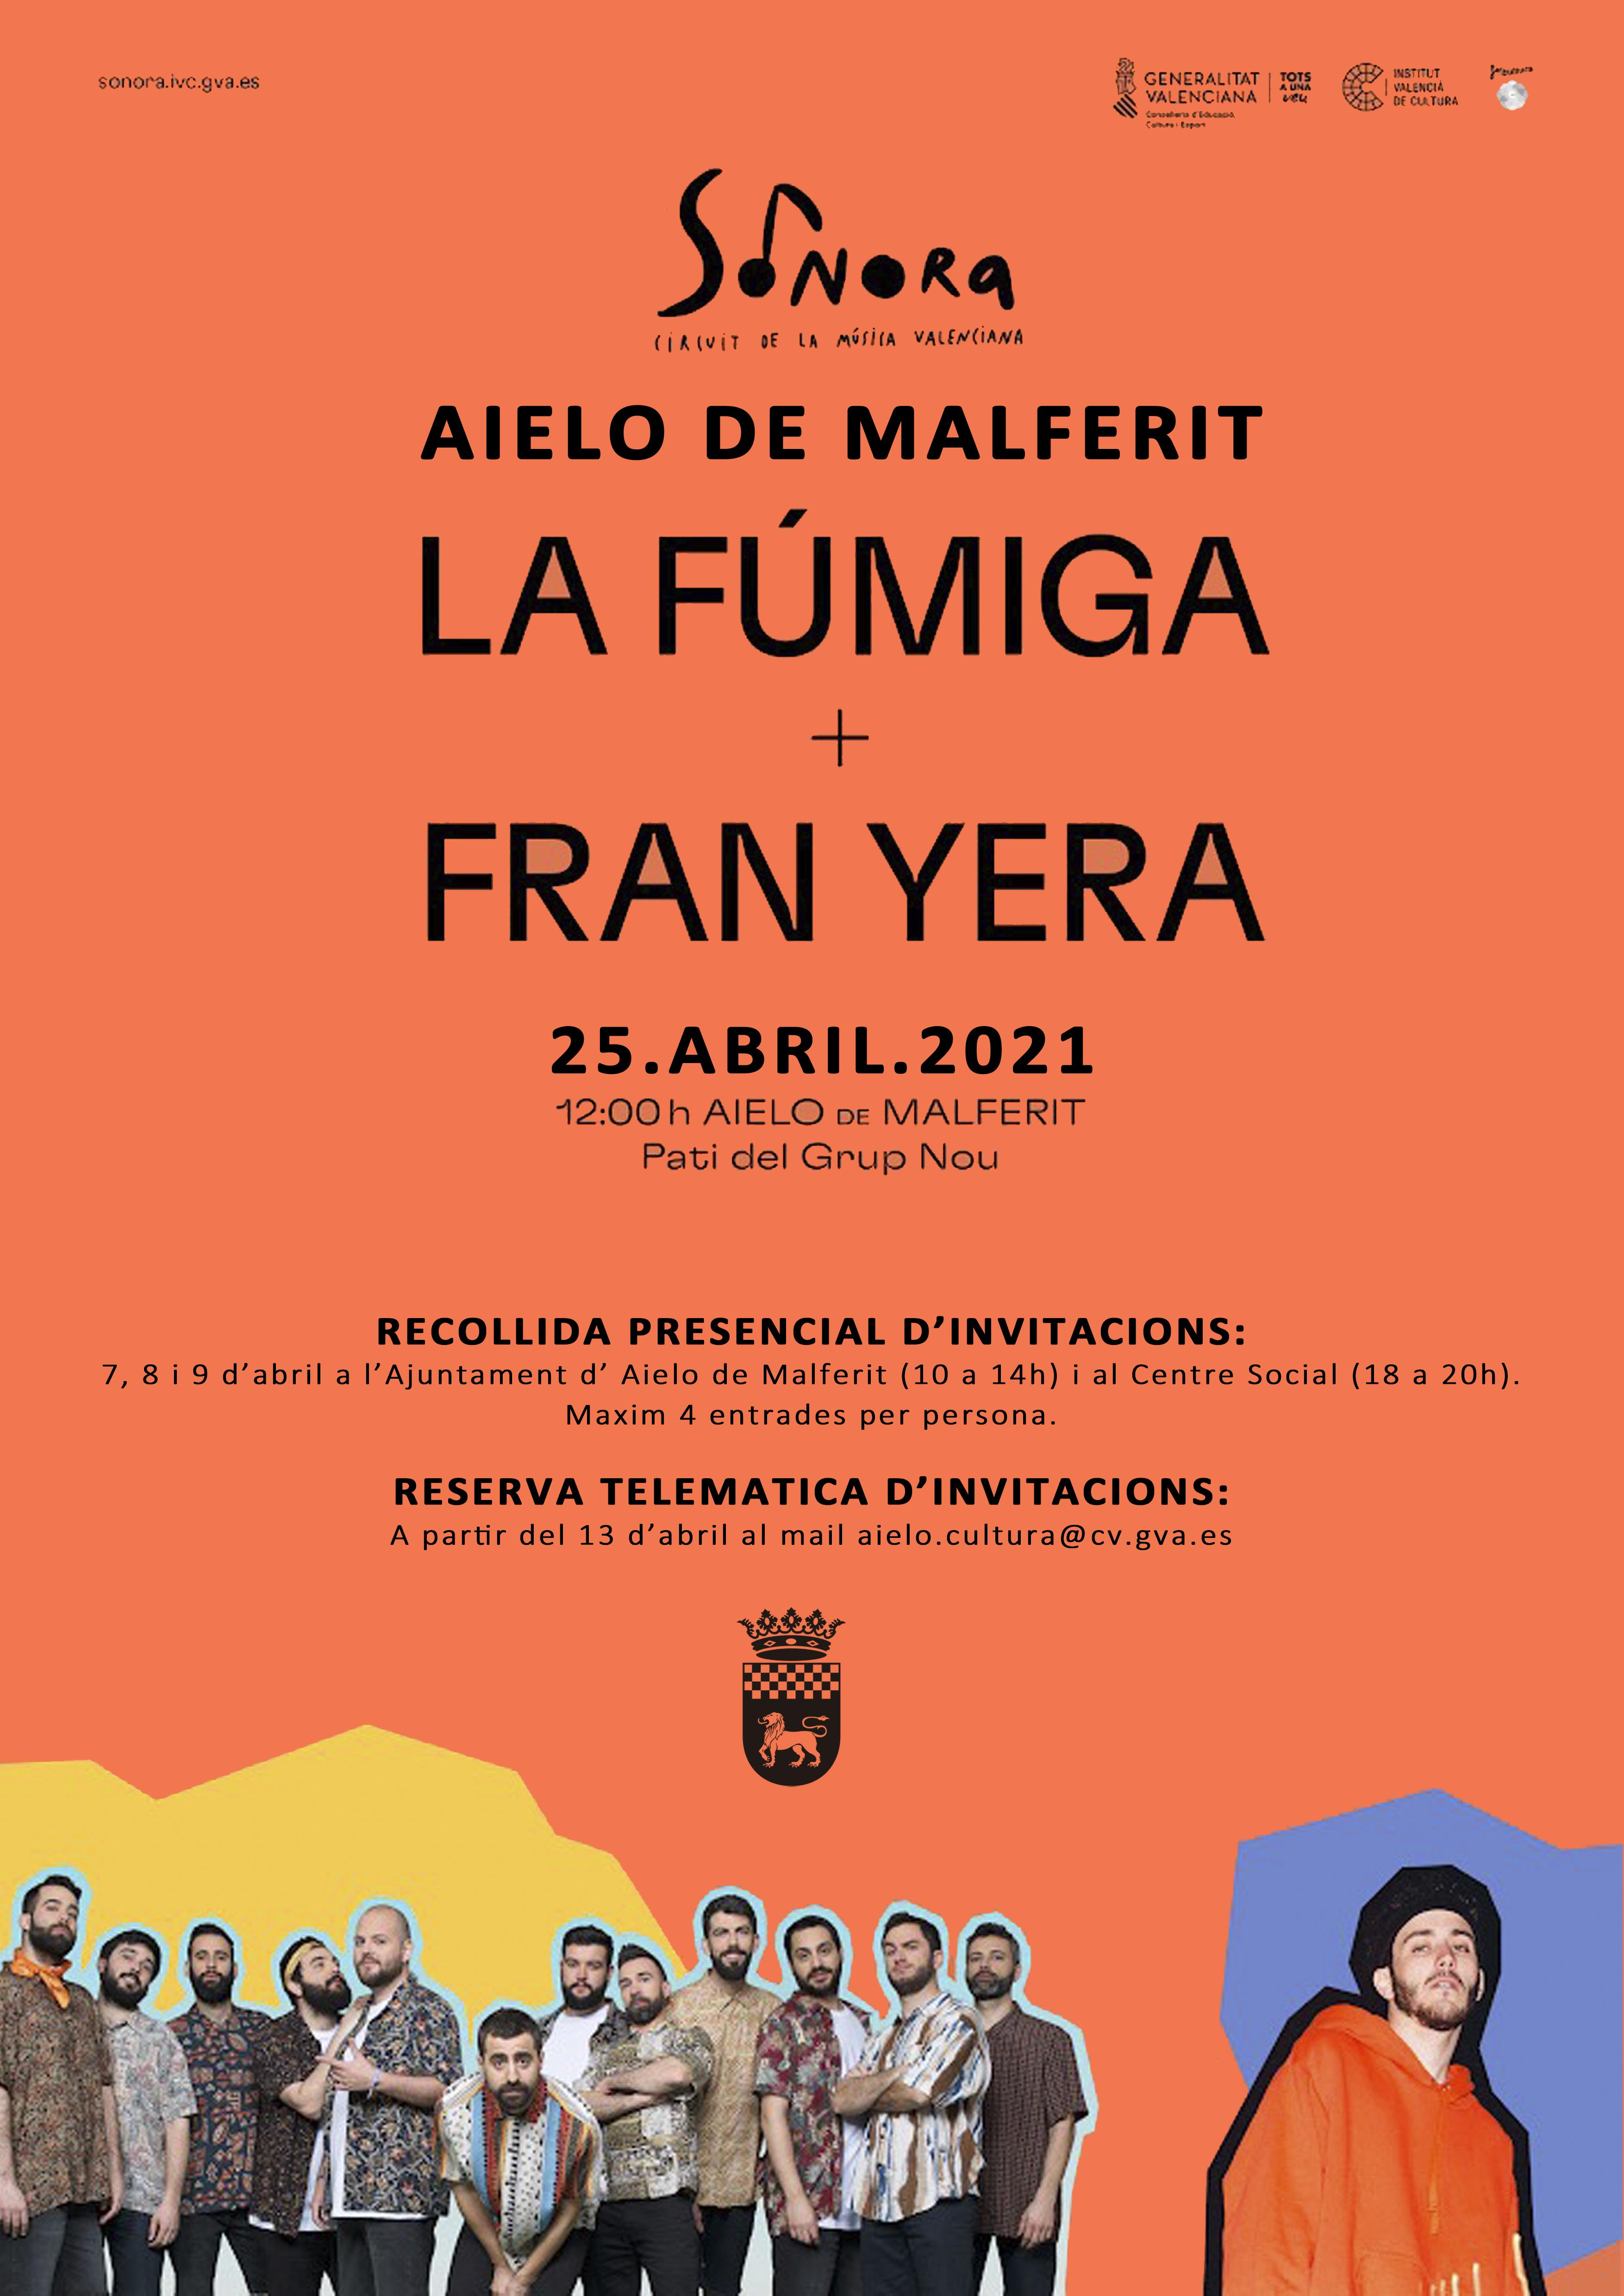 LA FÚMIGA + FRAN YERA